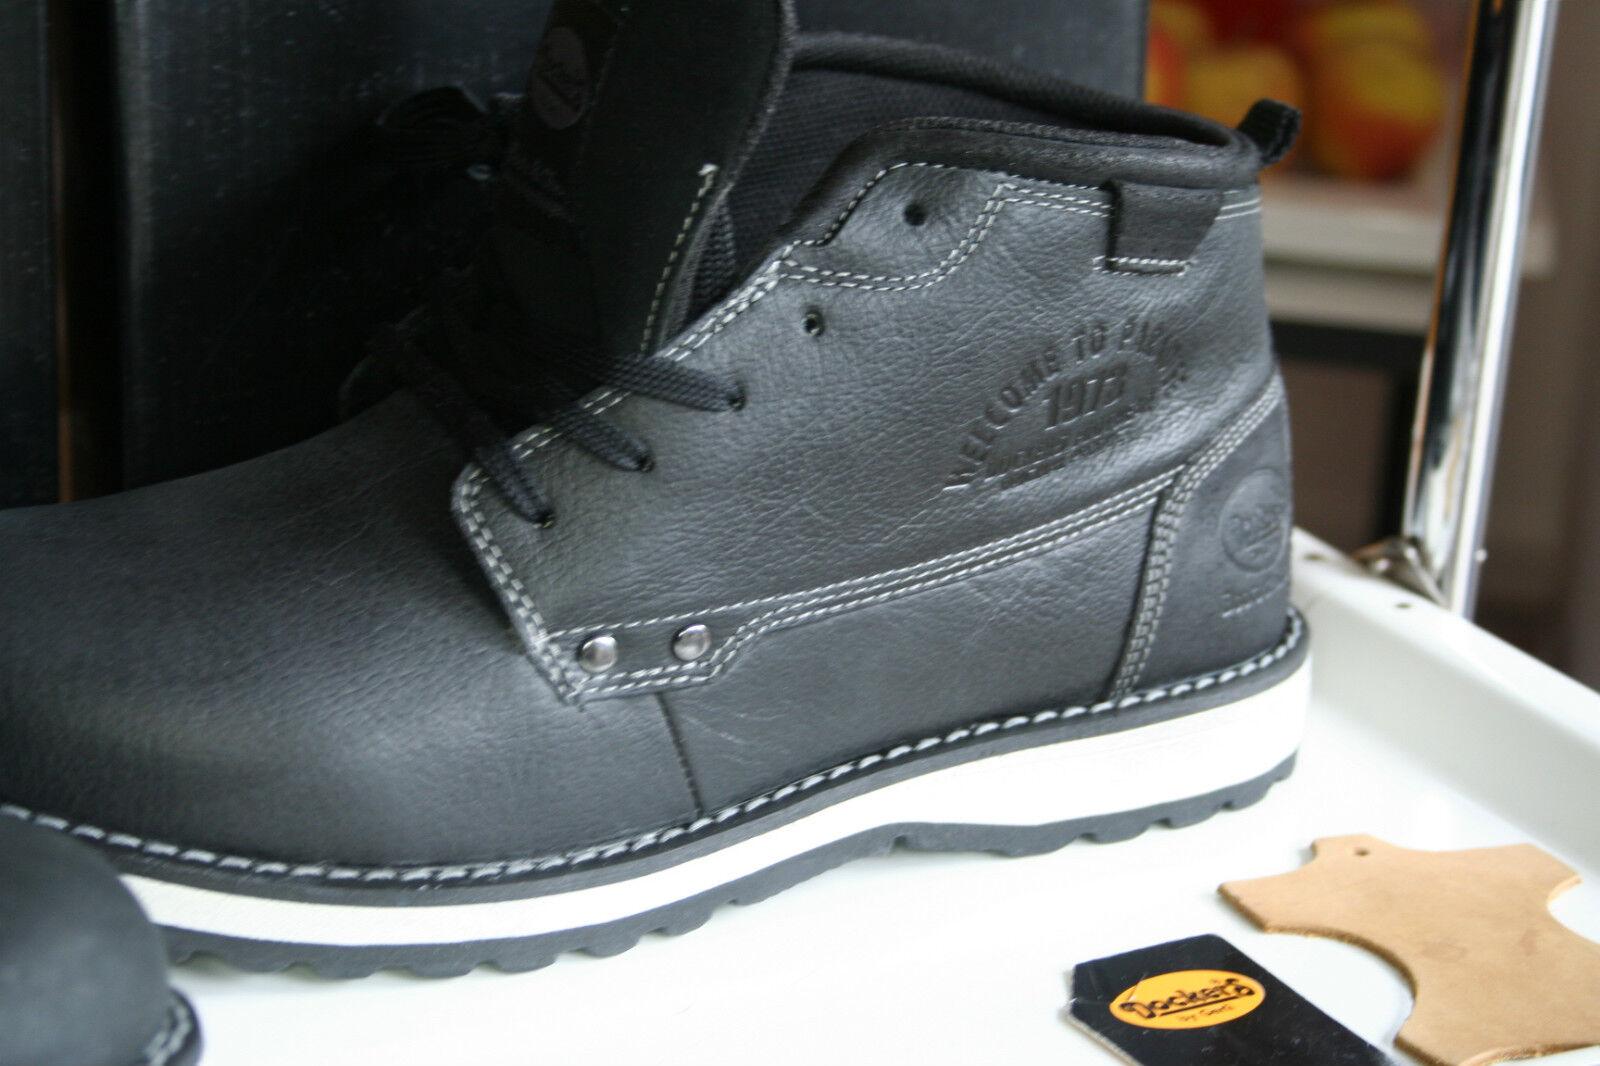 DOCKERS  BAVARIANBOOT  Neu echtes Leder USEDSTYLE gefettet black asfalt  USEDSTYLE Leder Gr42 a10f63